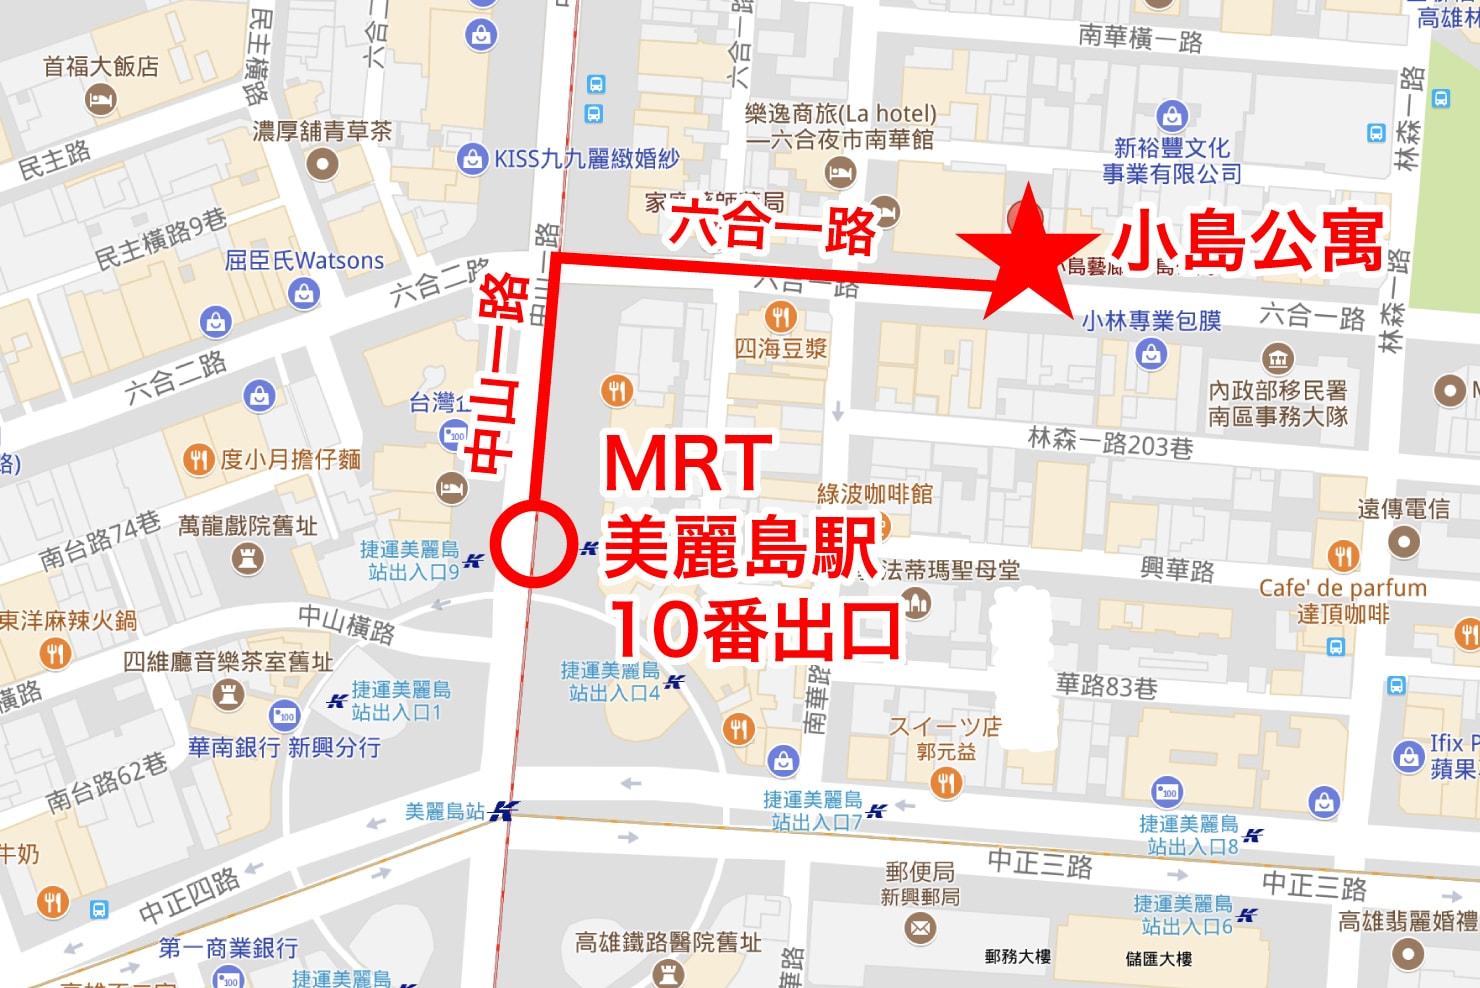 高雄・美麗島駅徒歩3分の立地最高なおすすめホテル「小島公寓 Island House」へのマップ